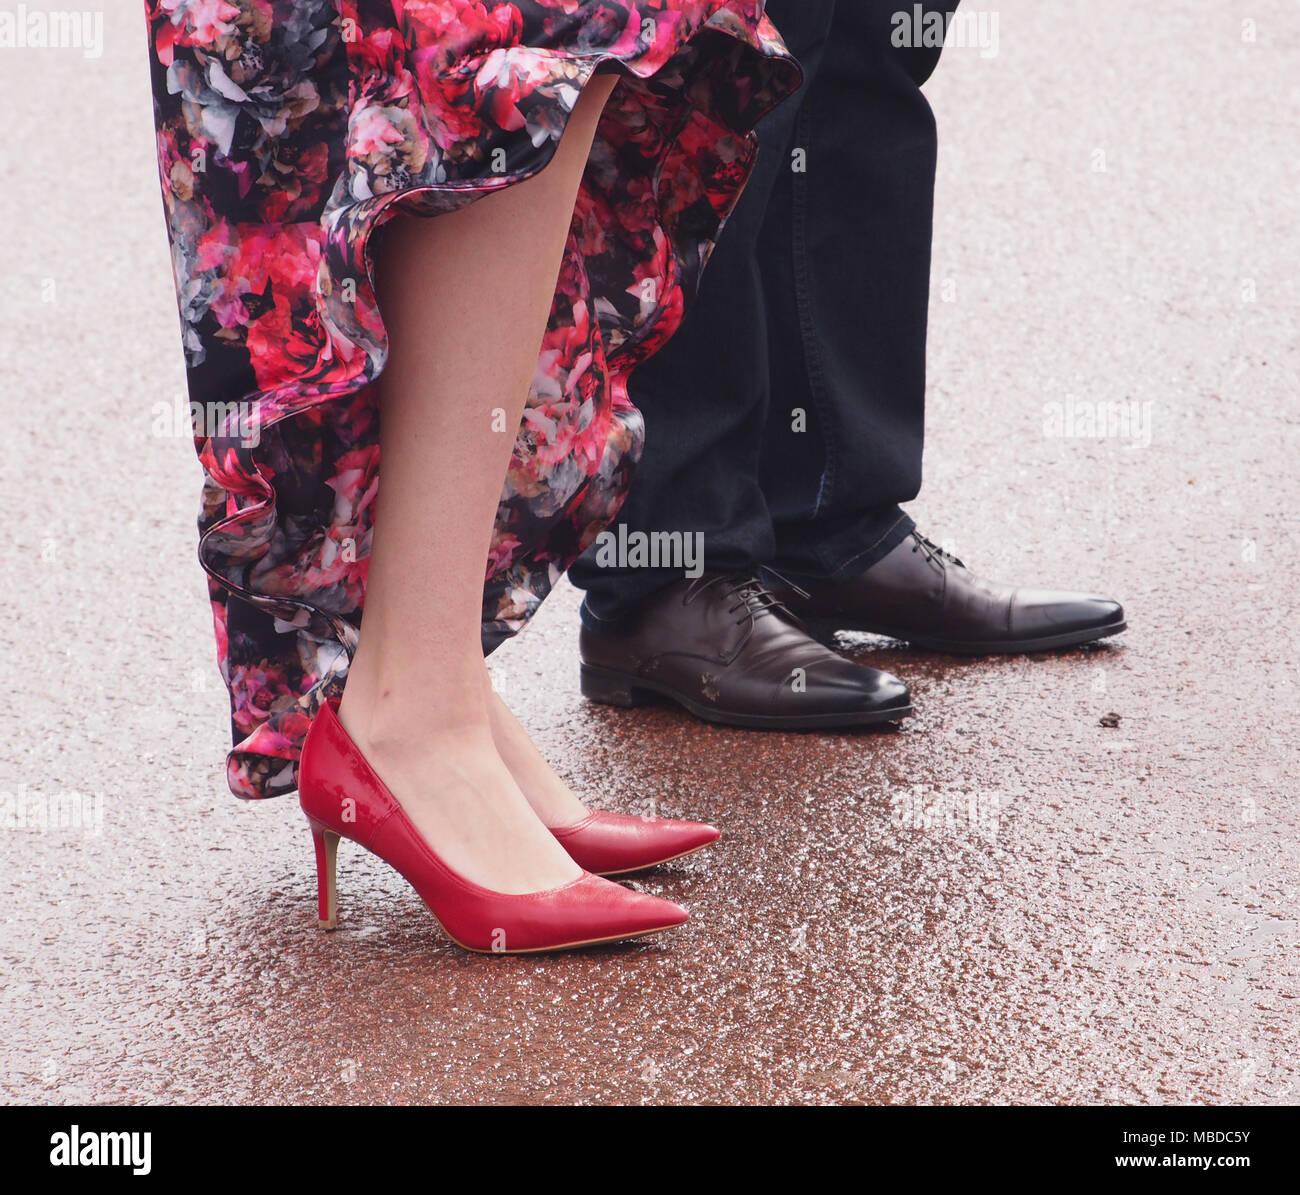 Una donna di abbassare le gambe, fiorito vestito rosso e